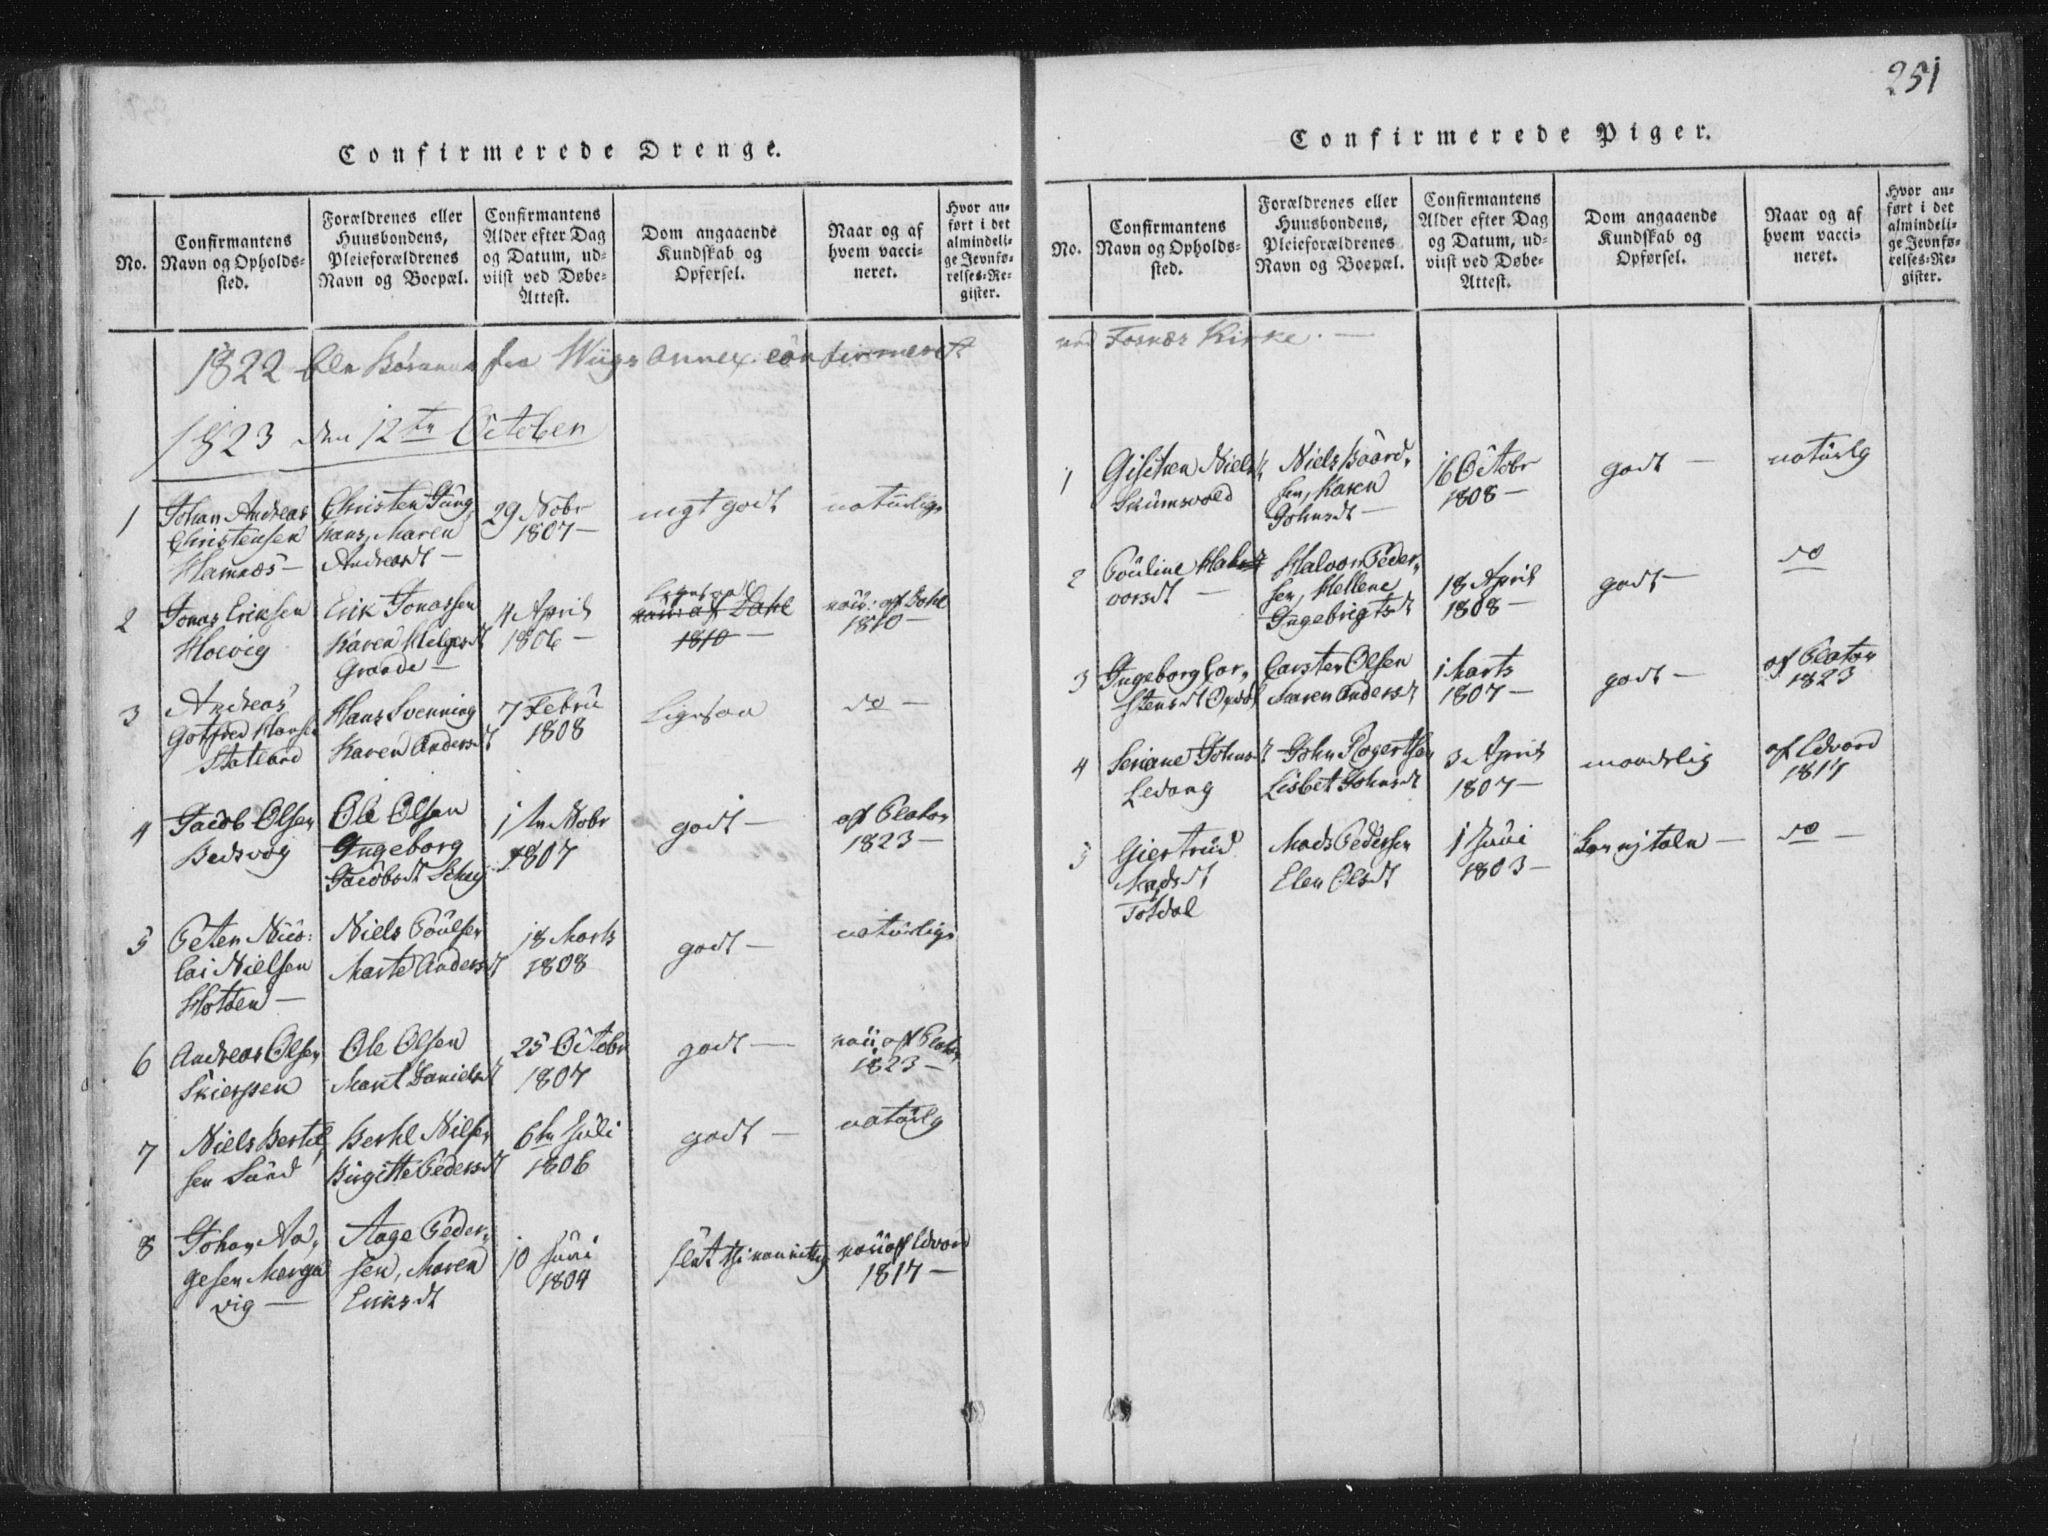 SAT, Ministerialprotokoller, klokkerbøker og fødselsregistre - Nord-Trøndelag, 773/L0609: Ministerialbok nr. 773A03 /2, 1815-1830, s. 251